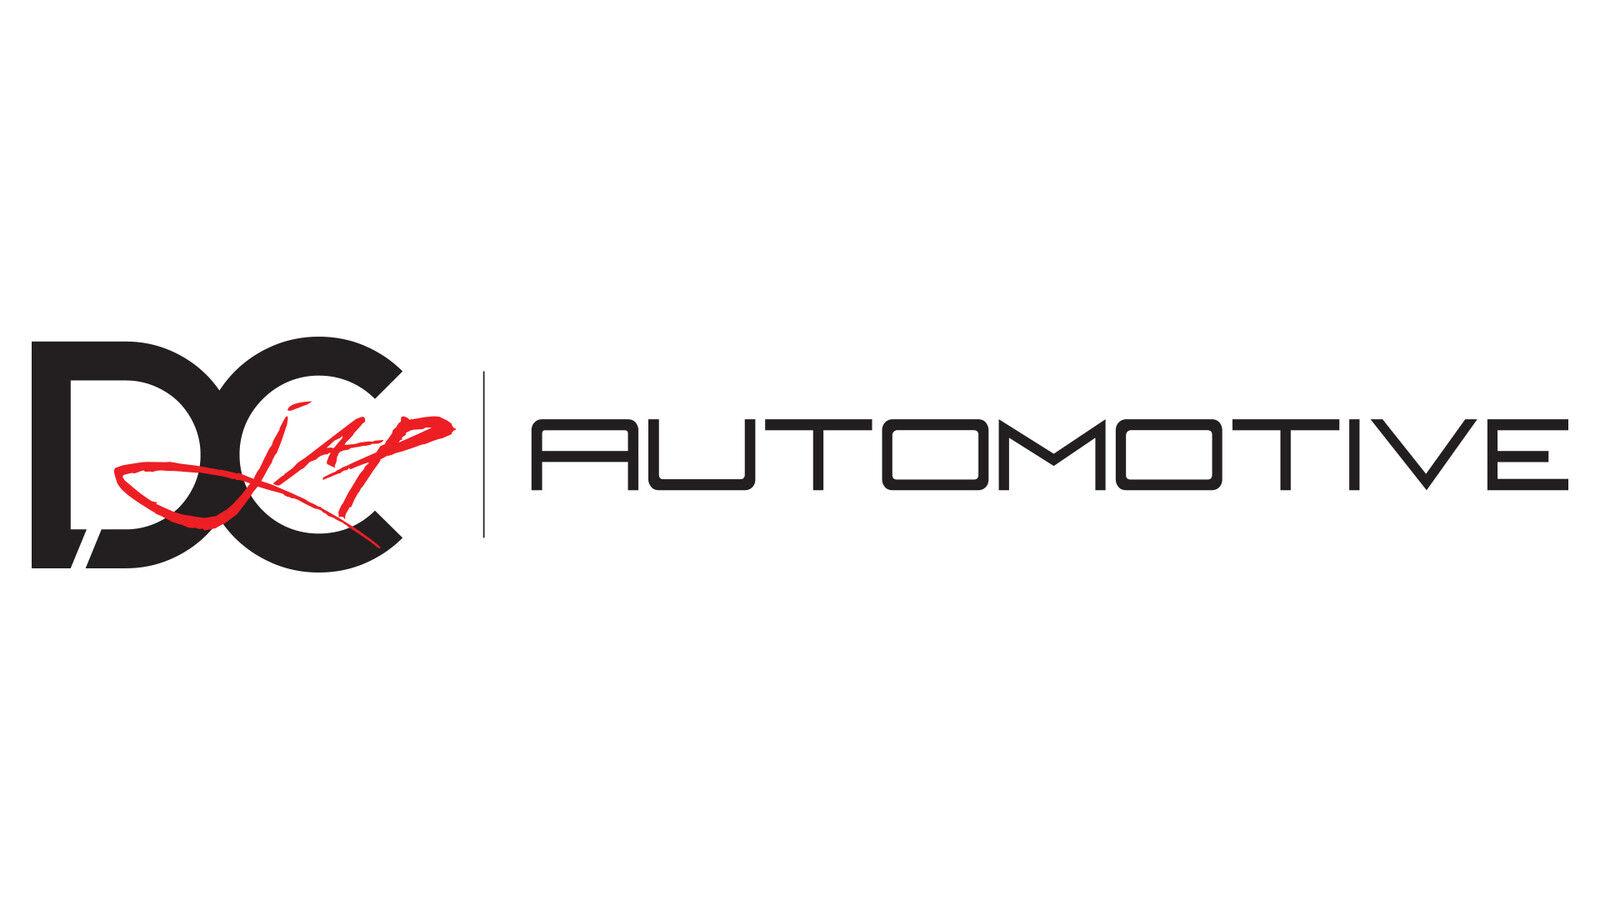 DC_Jap_Automotive